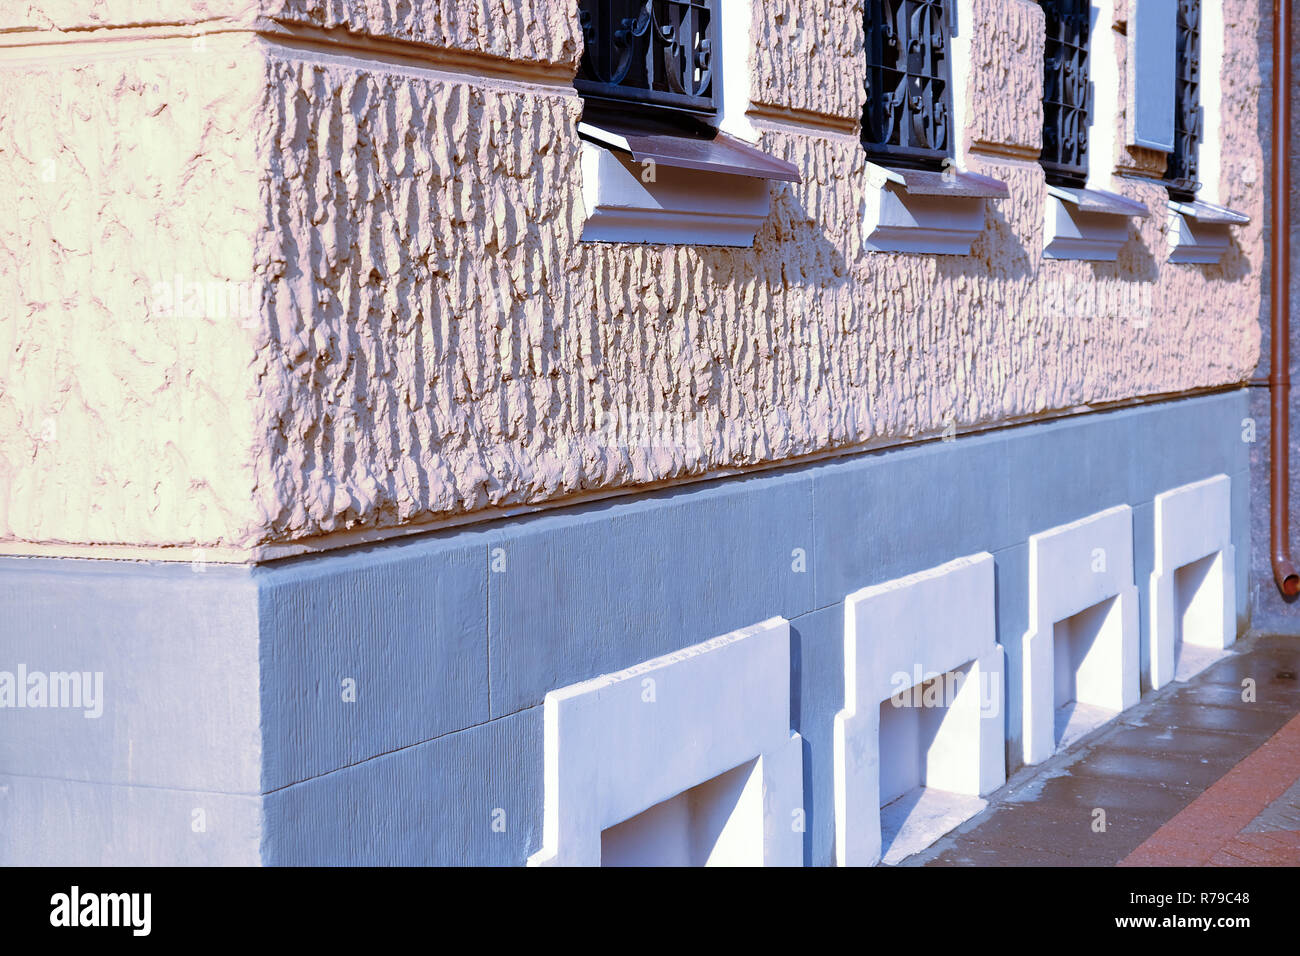 Architettura antica casa con grandi finestre. Vetri della facciata. Immagini Stock